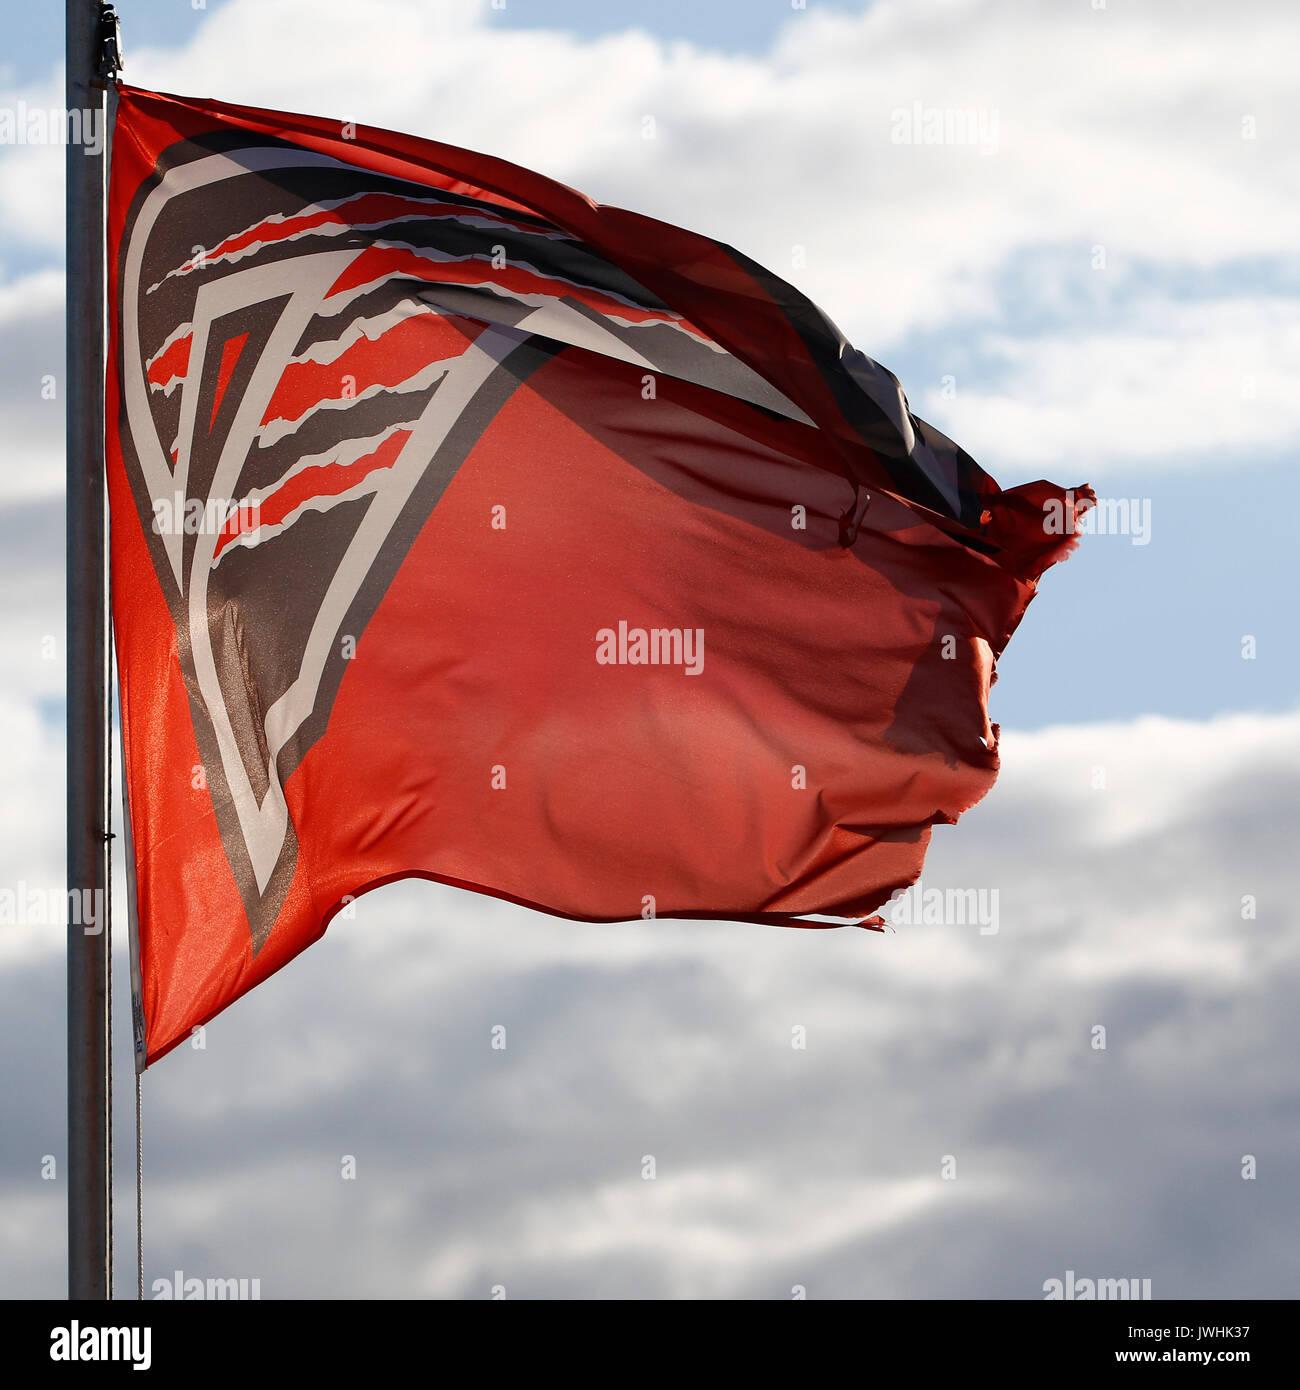 Glasgow, Escocia, Reino Unido. 12 de agosto, 2017. Las banderas volando alto en la casa de Scottish Speedway Crédito: Colin Poultney/Alamy Live News Imagen De Stock